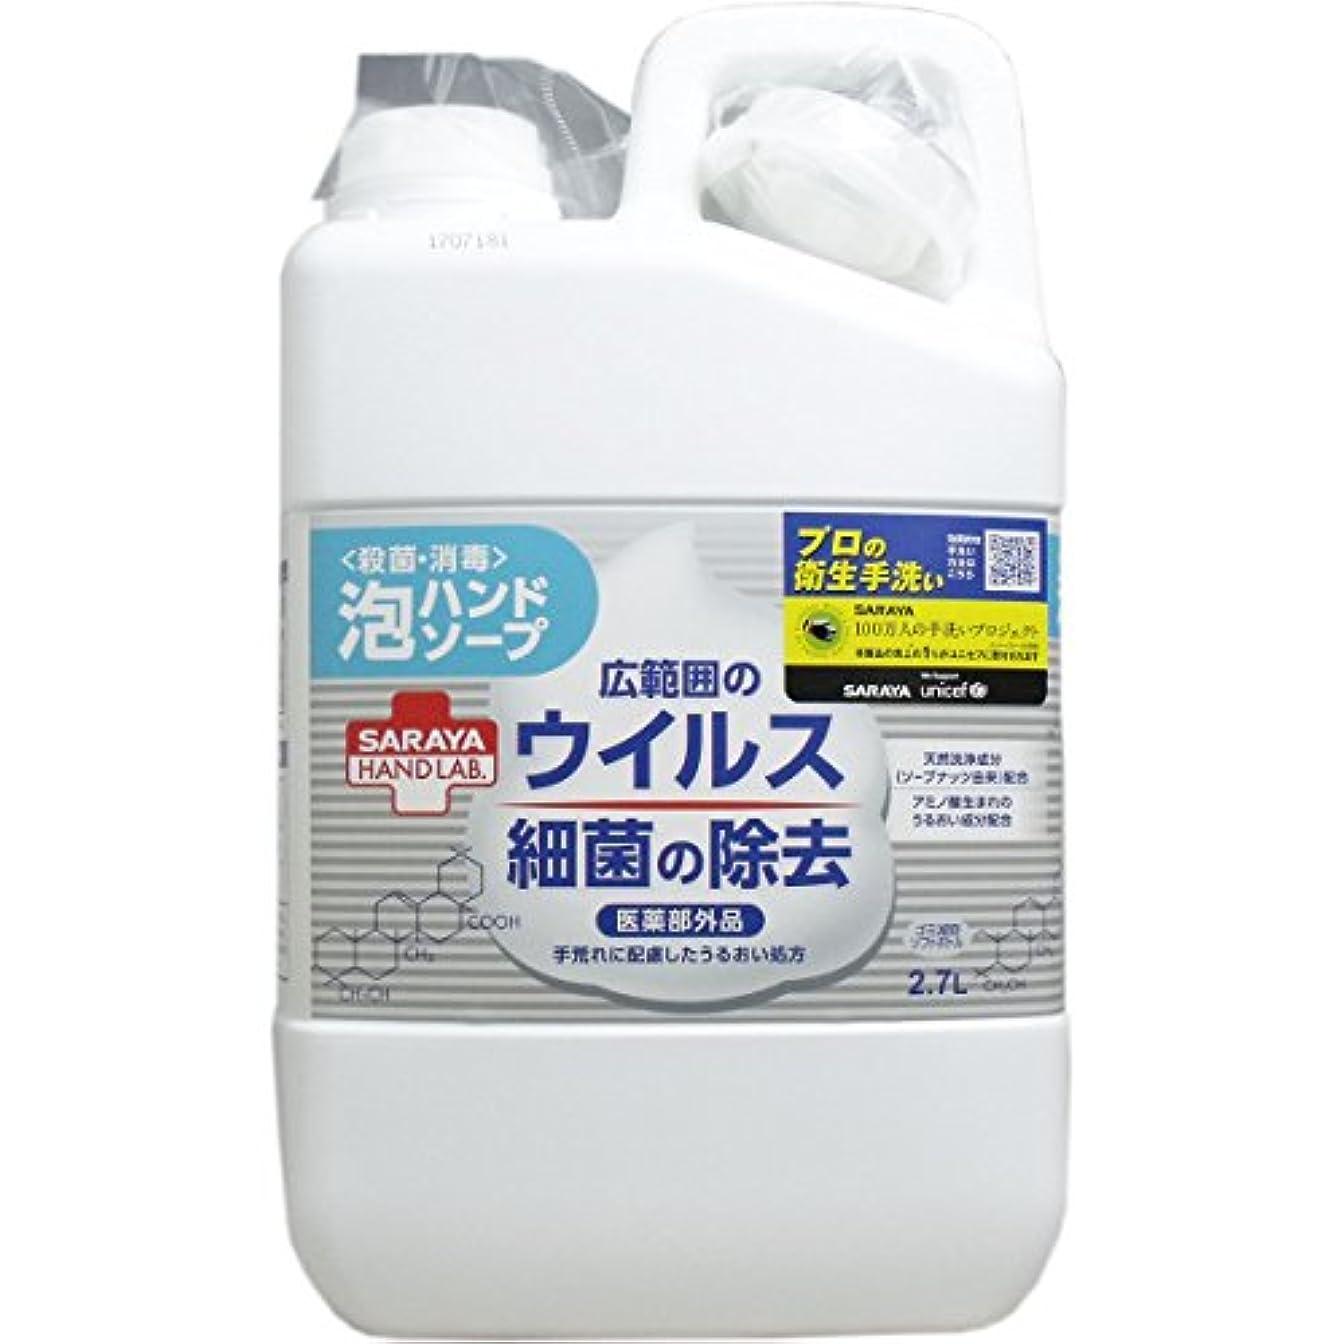 平野ラメ弱まるハンドラボ 薬用泡ハンドソープ 詰替用 2.7L(単品1個)